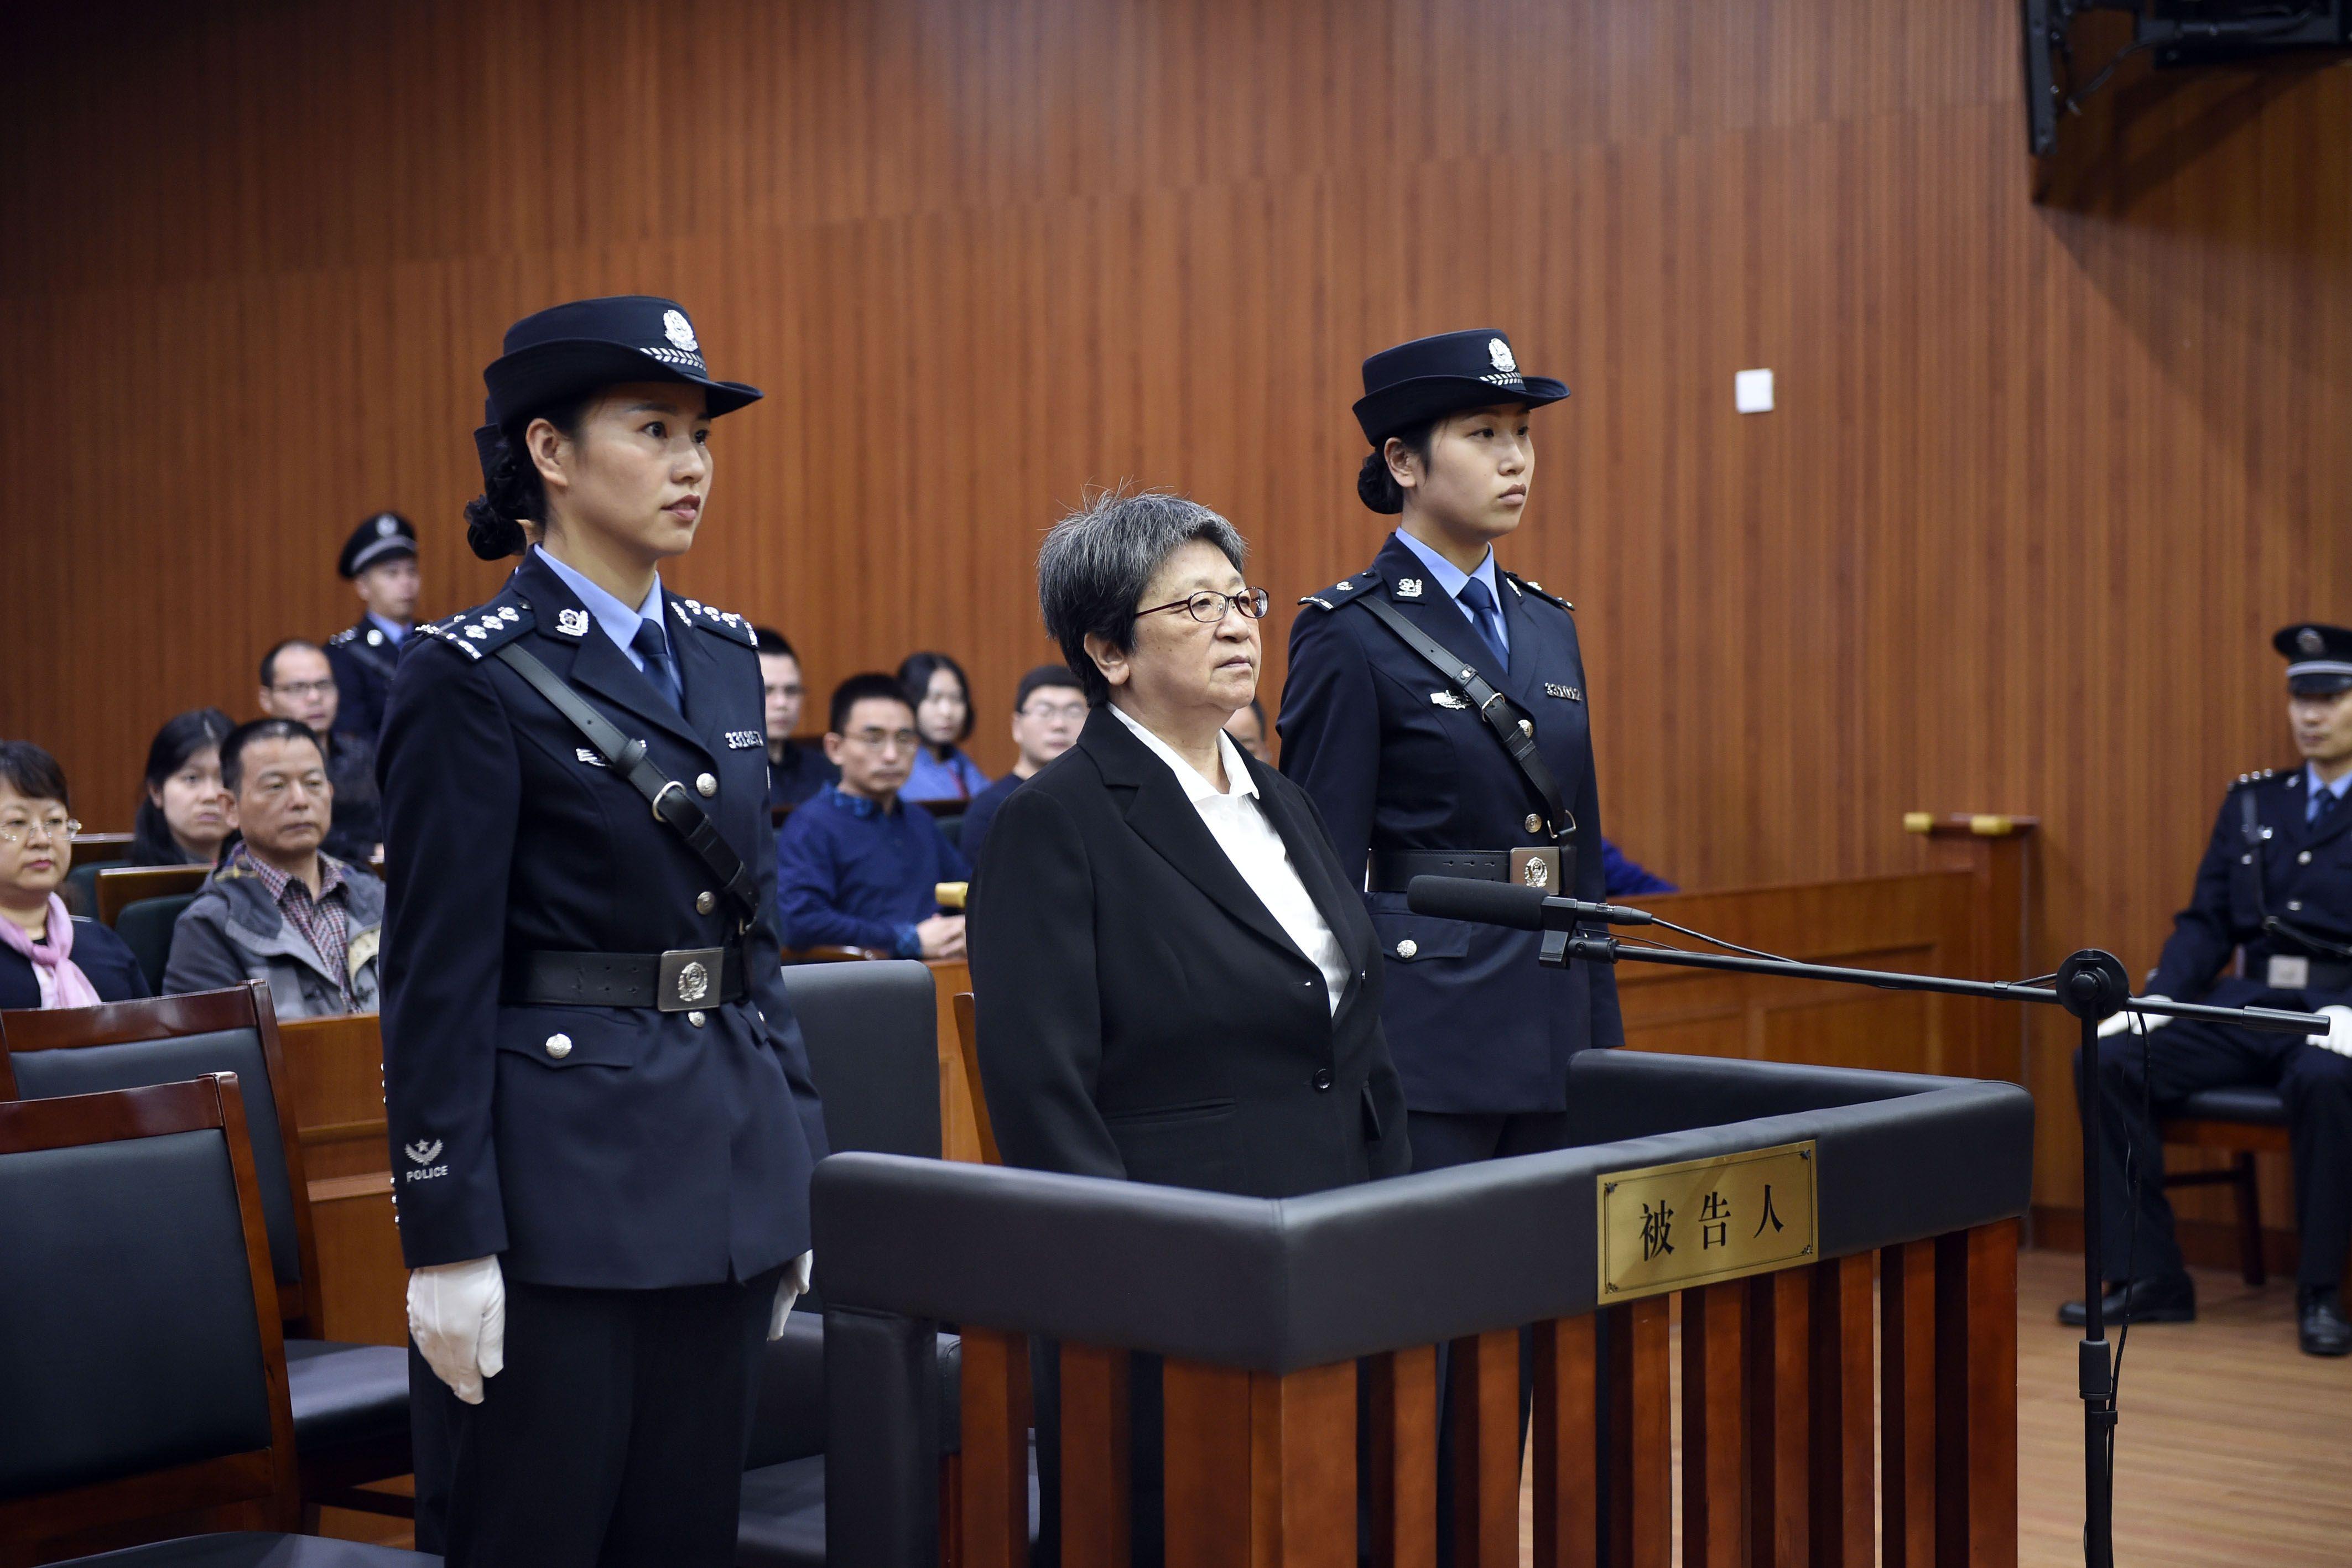 Yang Xiuzhu